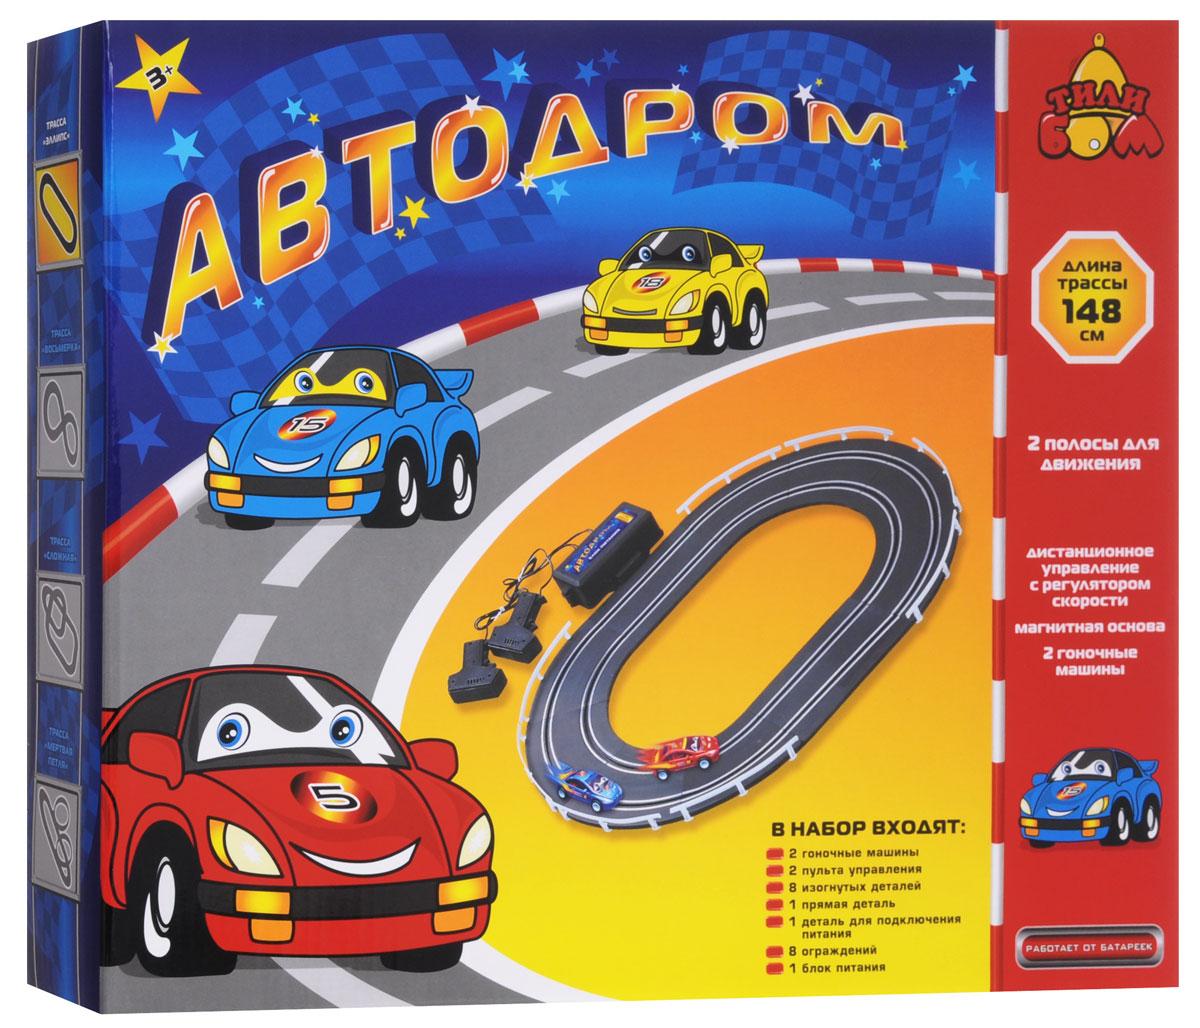 Тилибом Игрушечный трек Автодром Эллипс